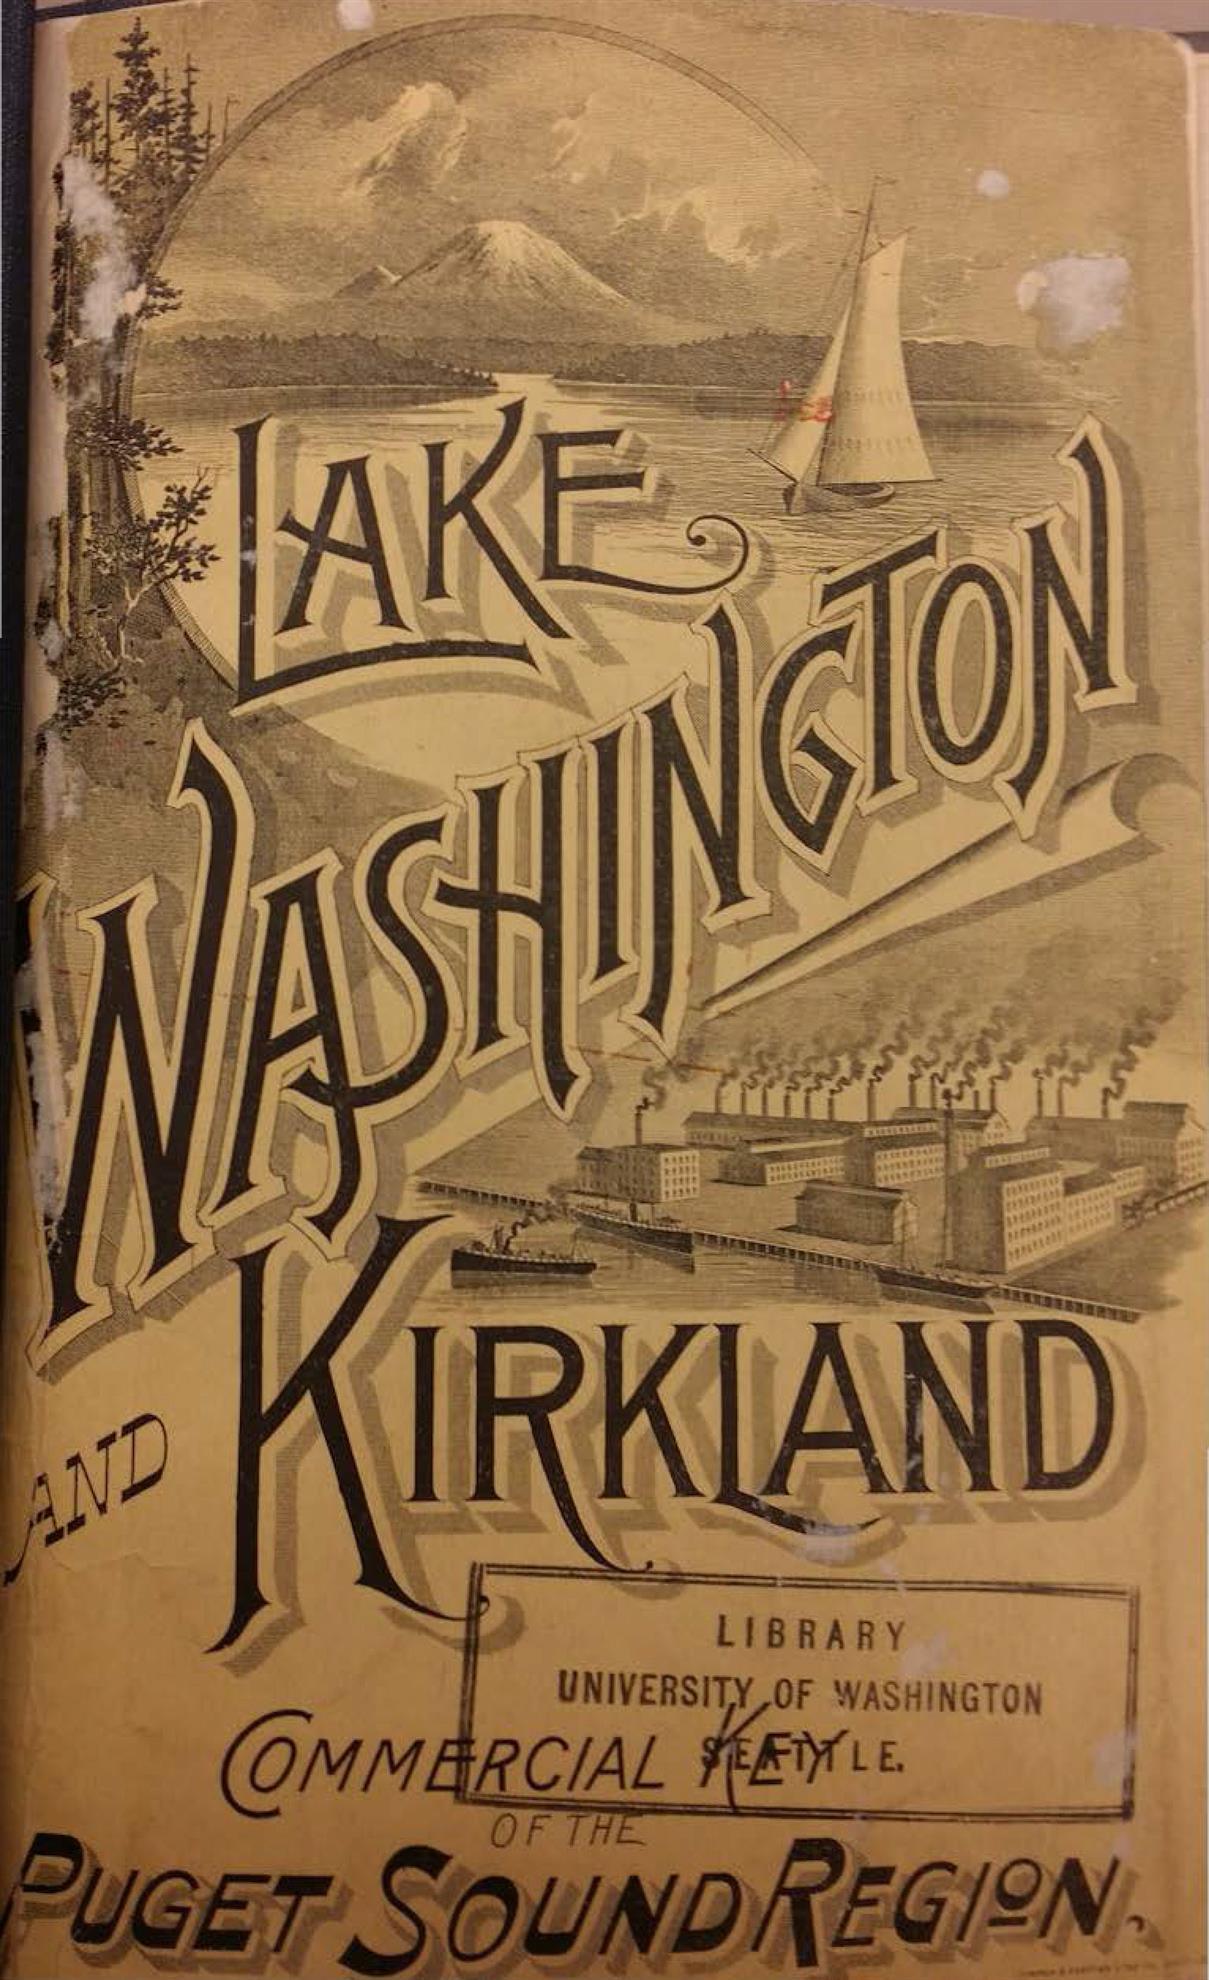 1891 Lake Washington and Kirkland Pamphlet